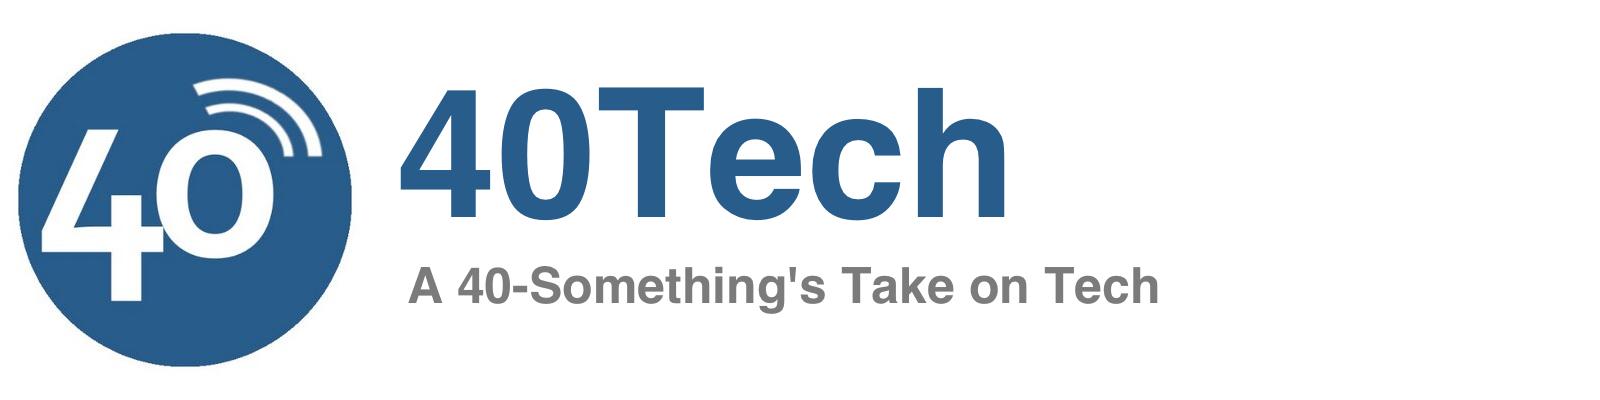 40Tech